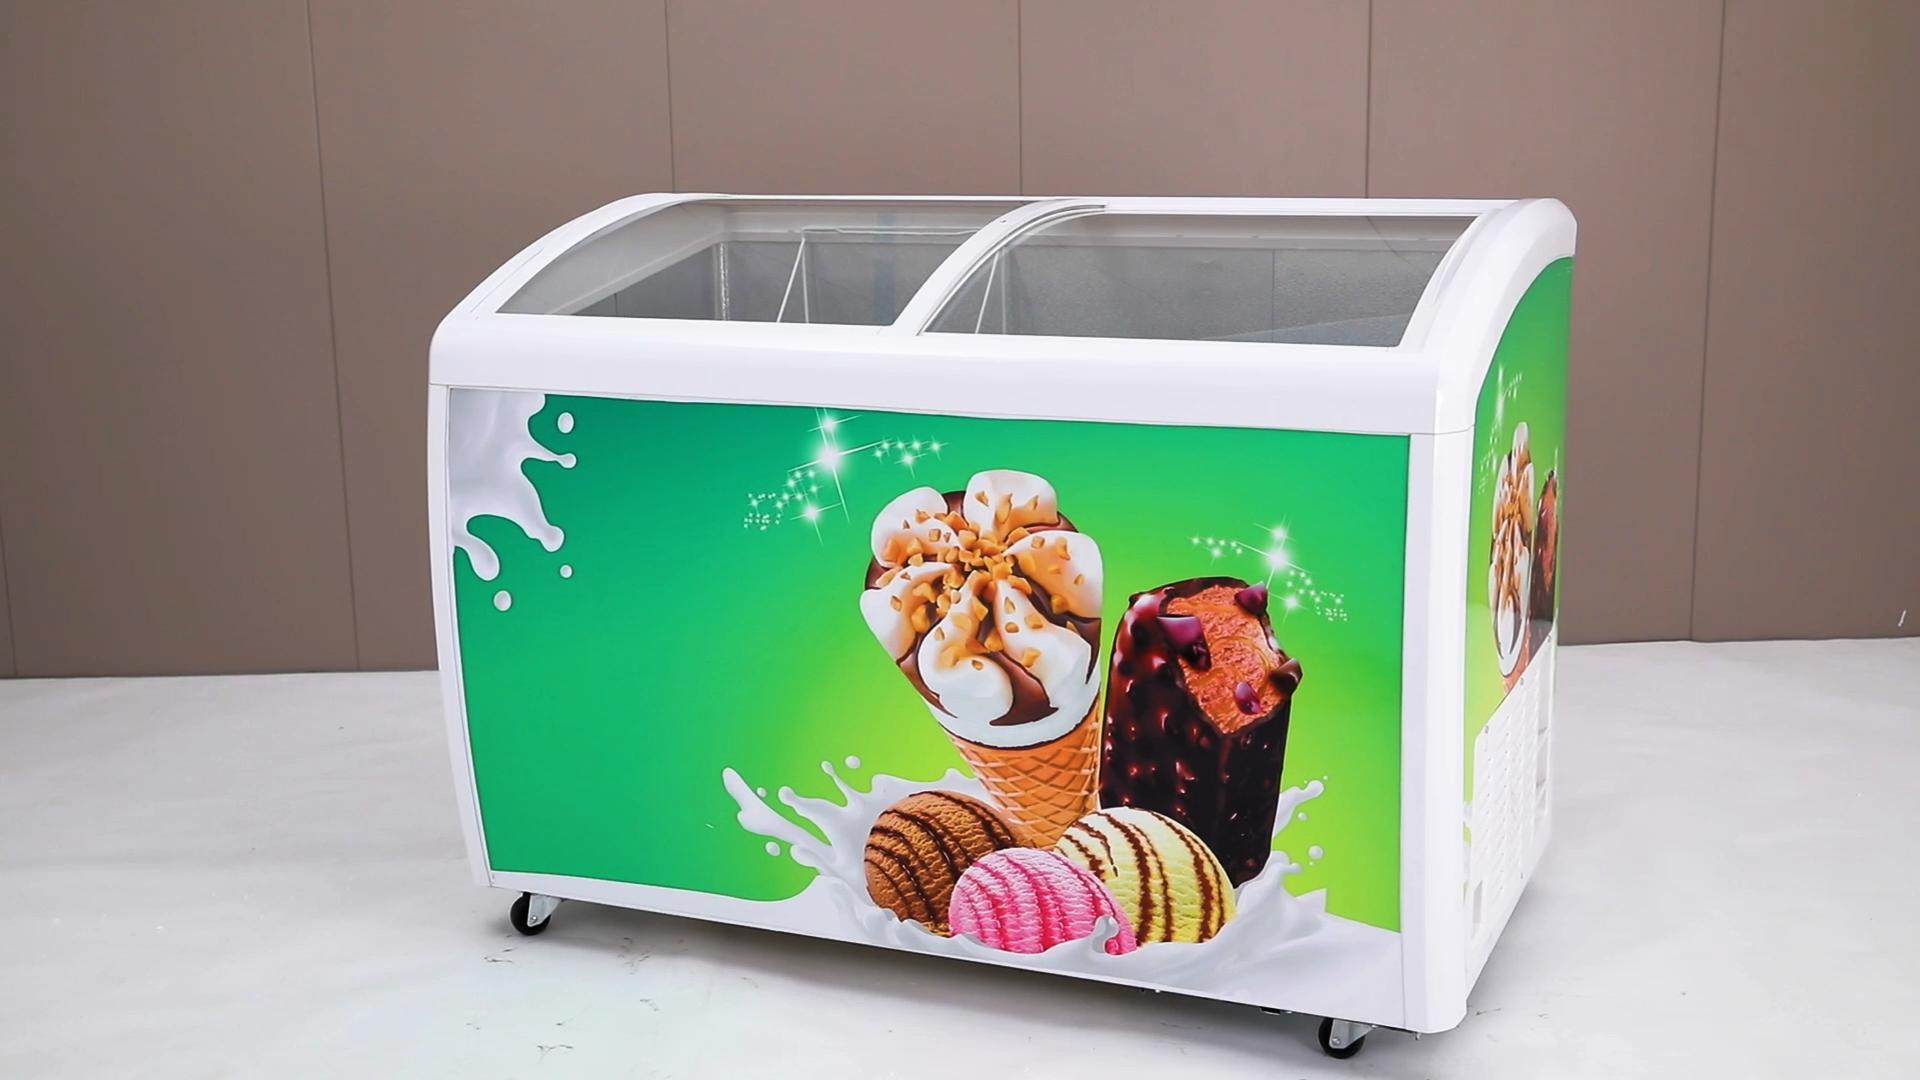 미니 유리 문 아이스크림 디스플레이 냉동고/소용량 슈퍼마켓 상업 가슴 쇼케이스